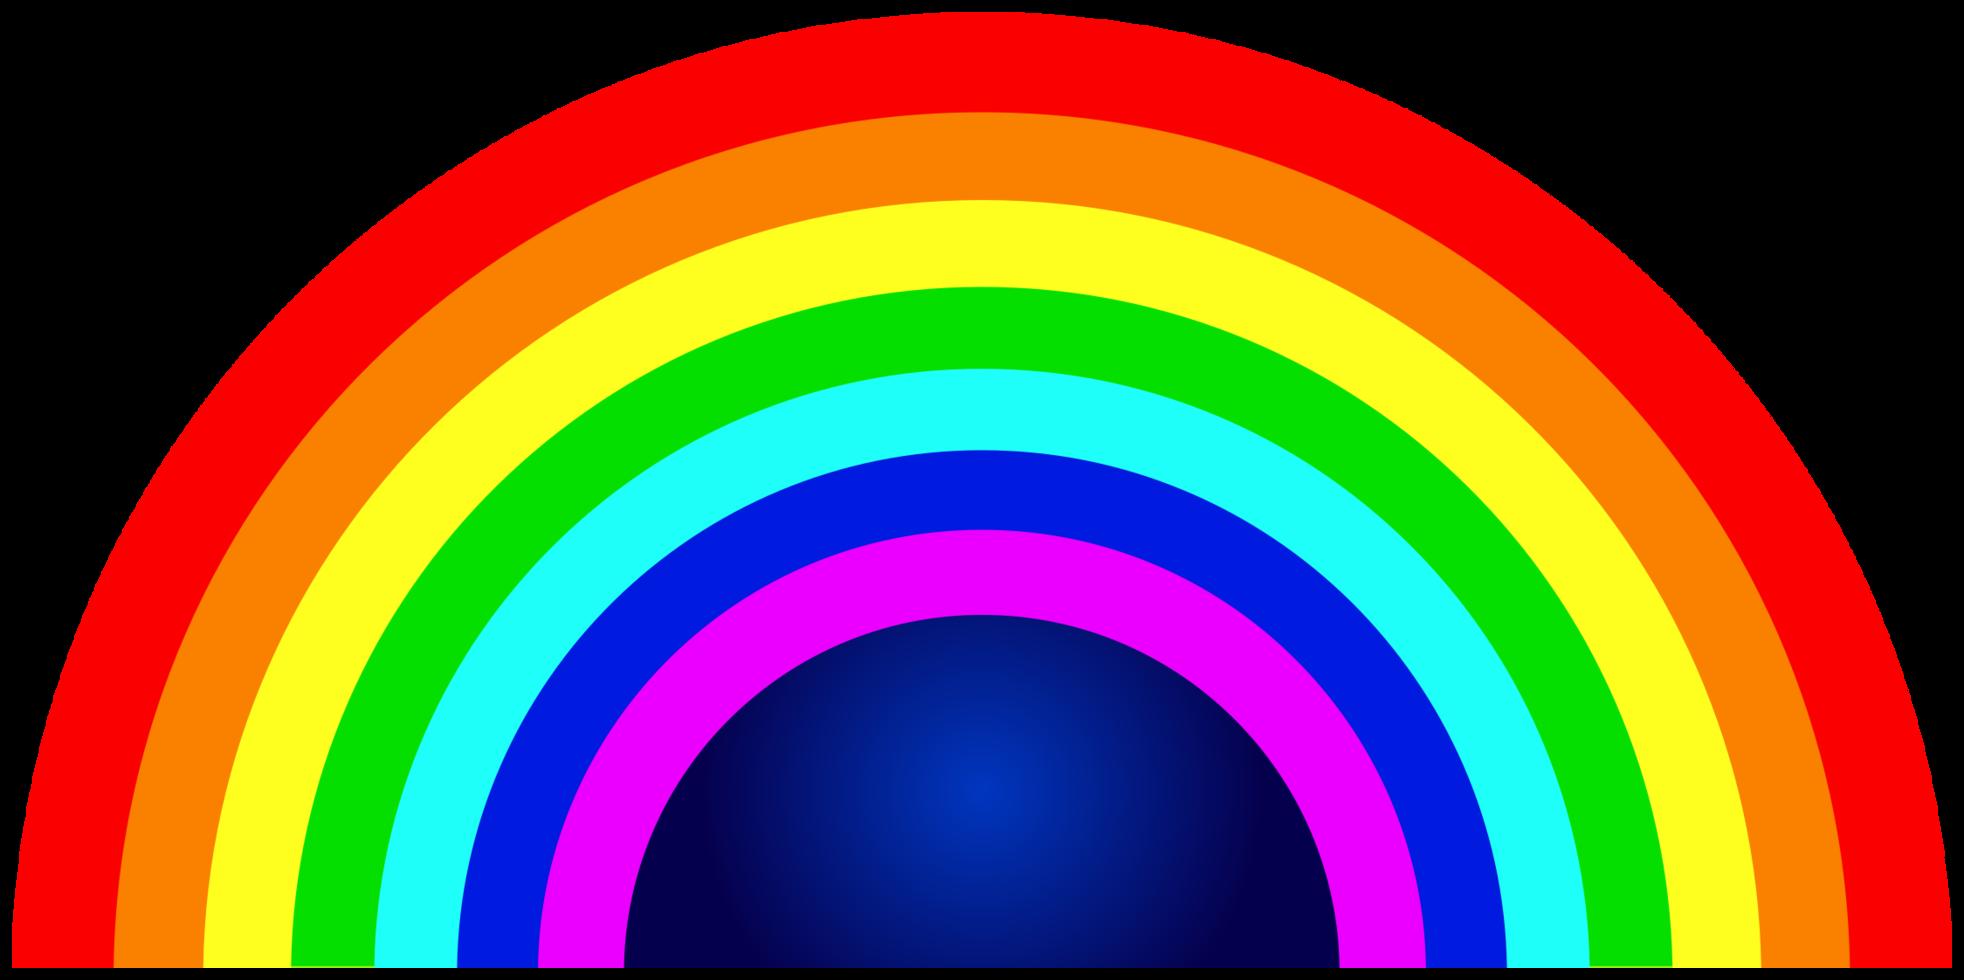 arc-en-ciel demi-cercle png